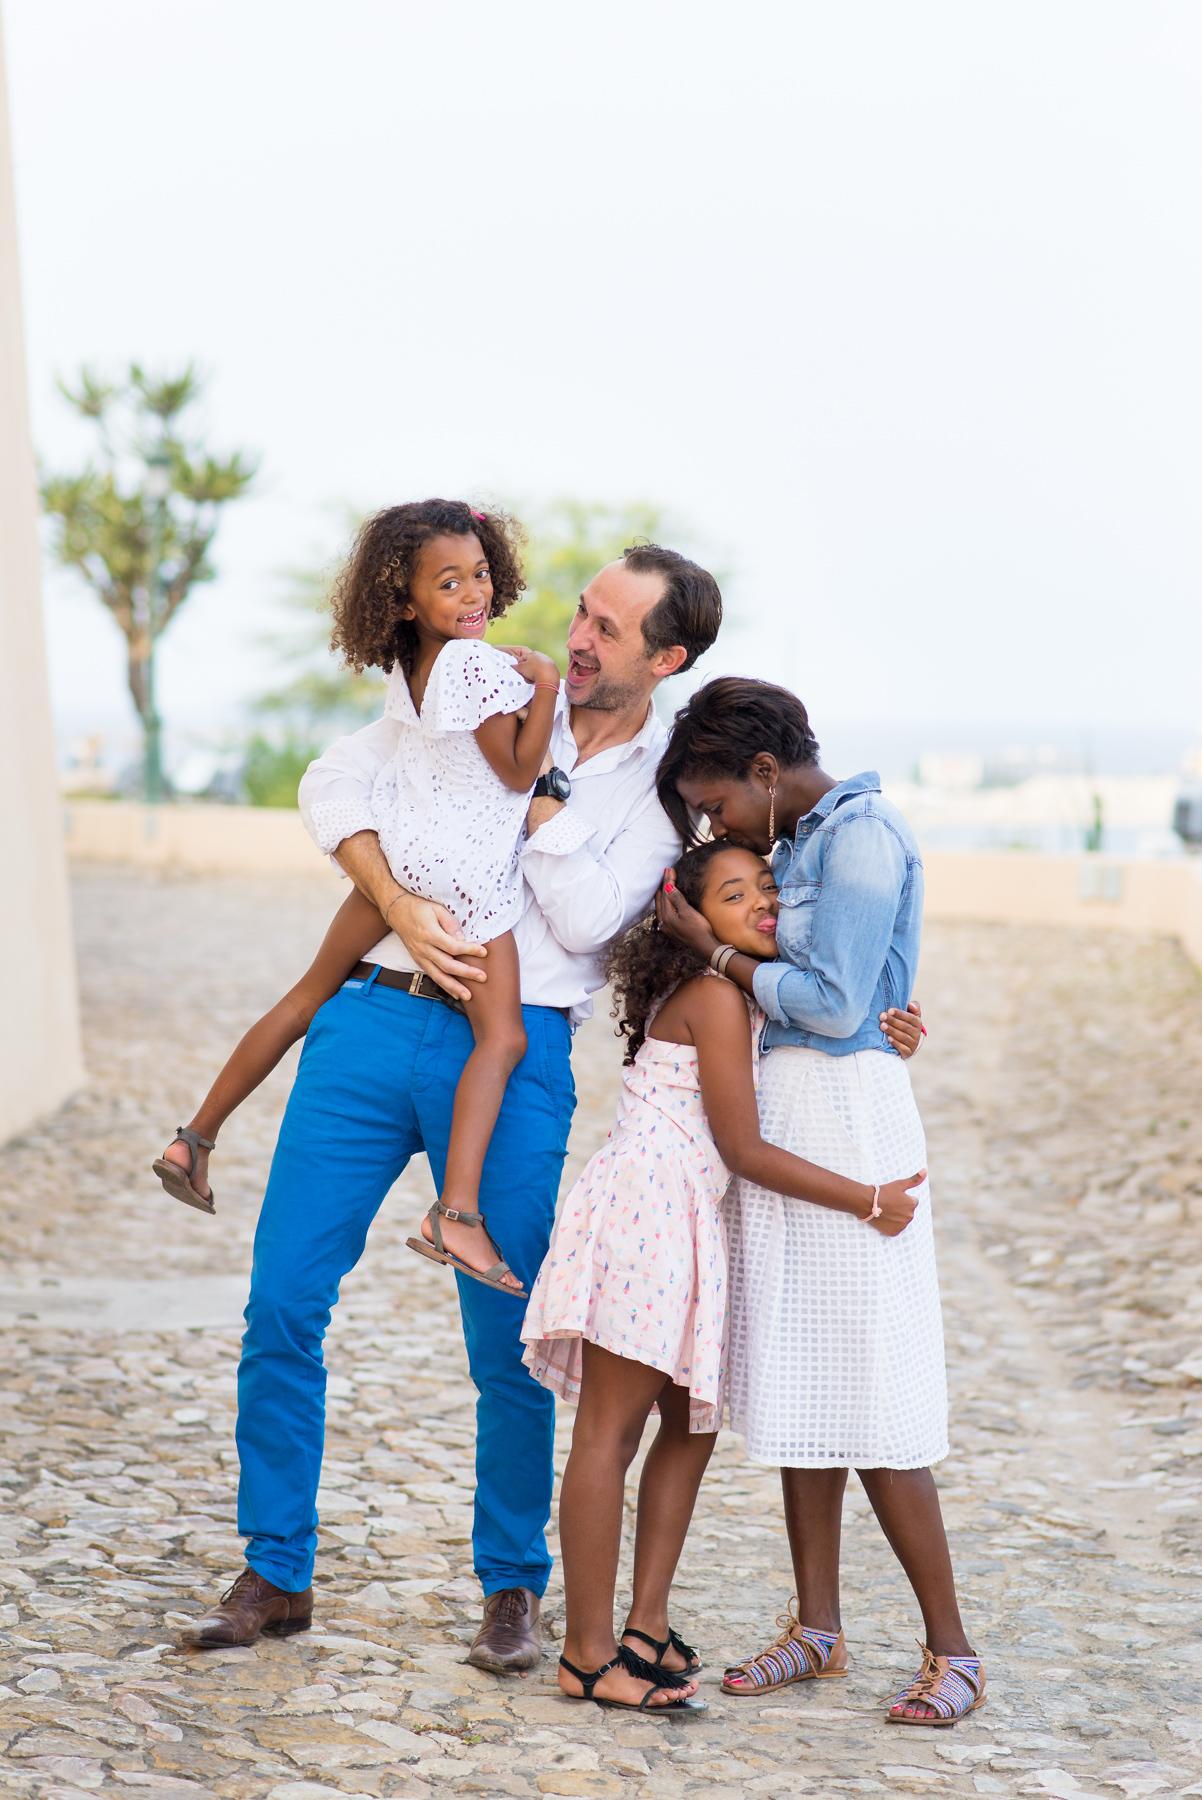 Séance photo en famille près de Aix-en-Provence, Manosque ou Antibes